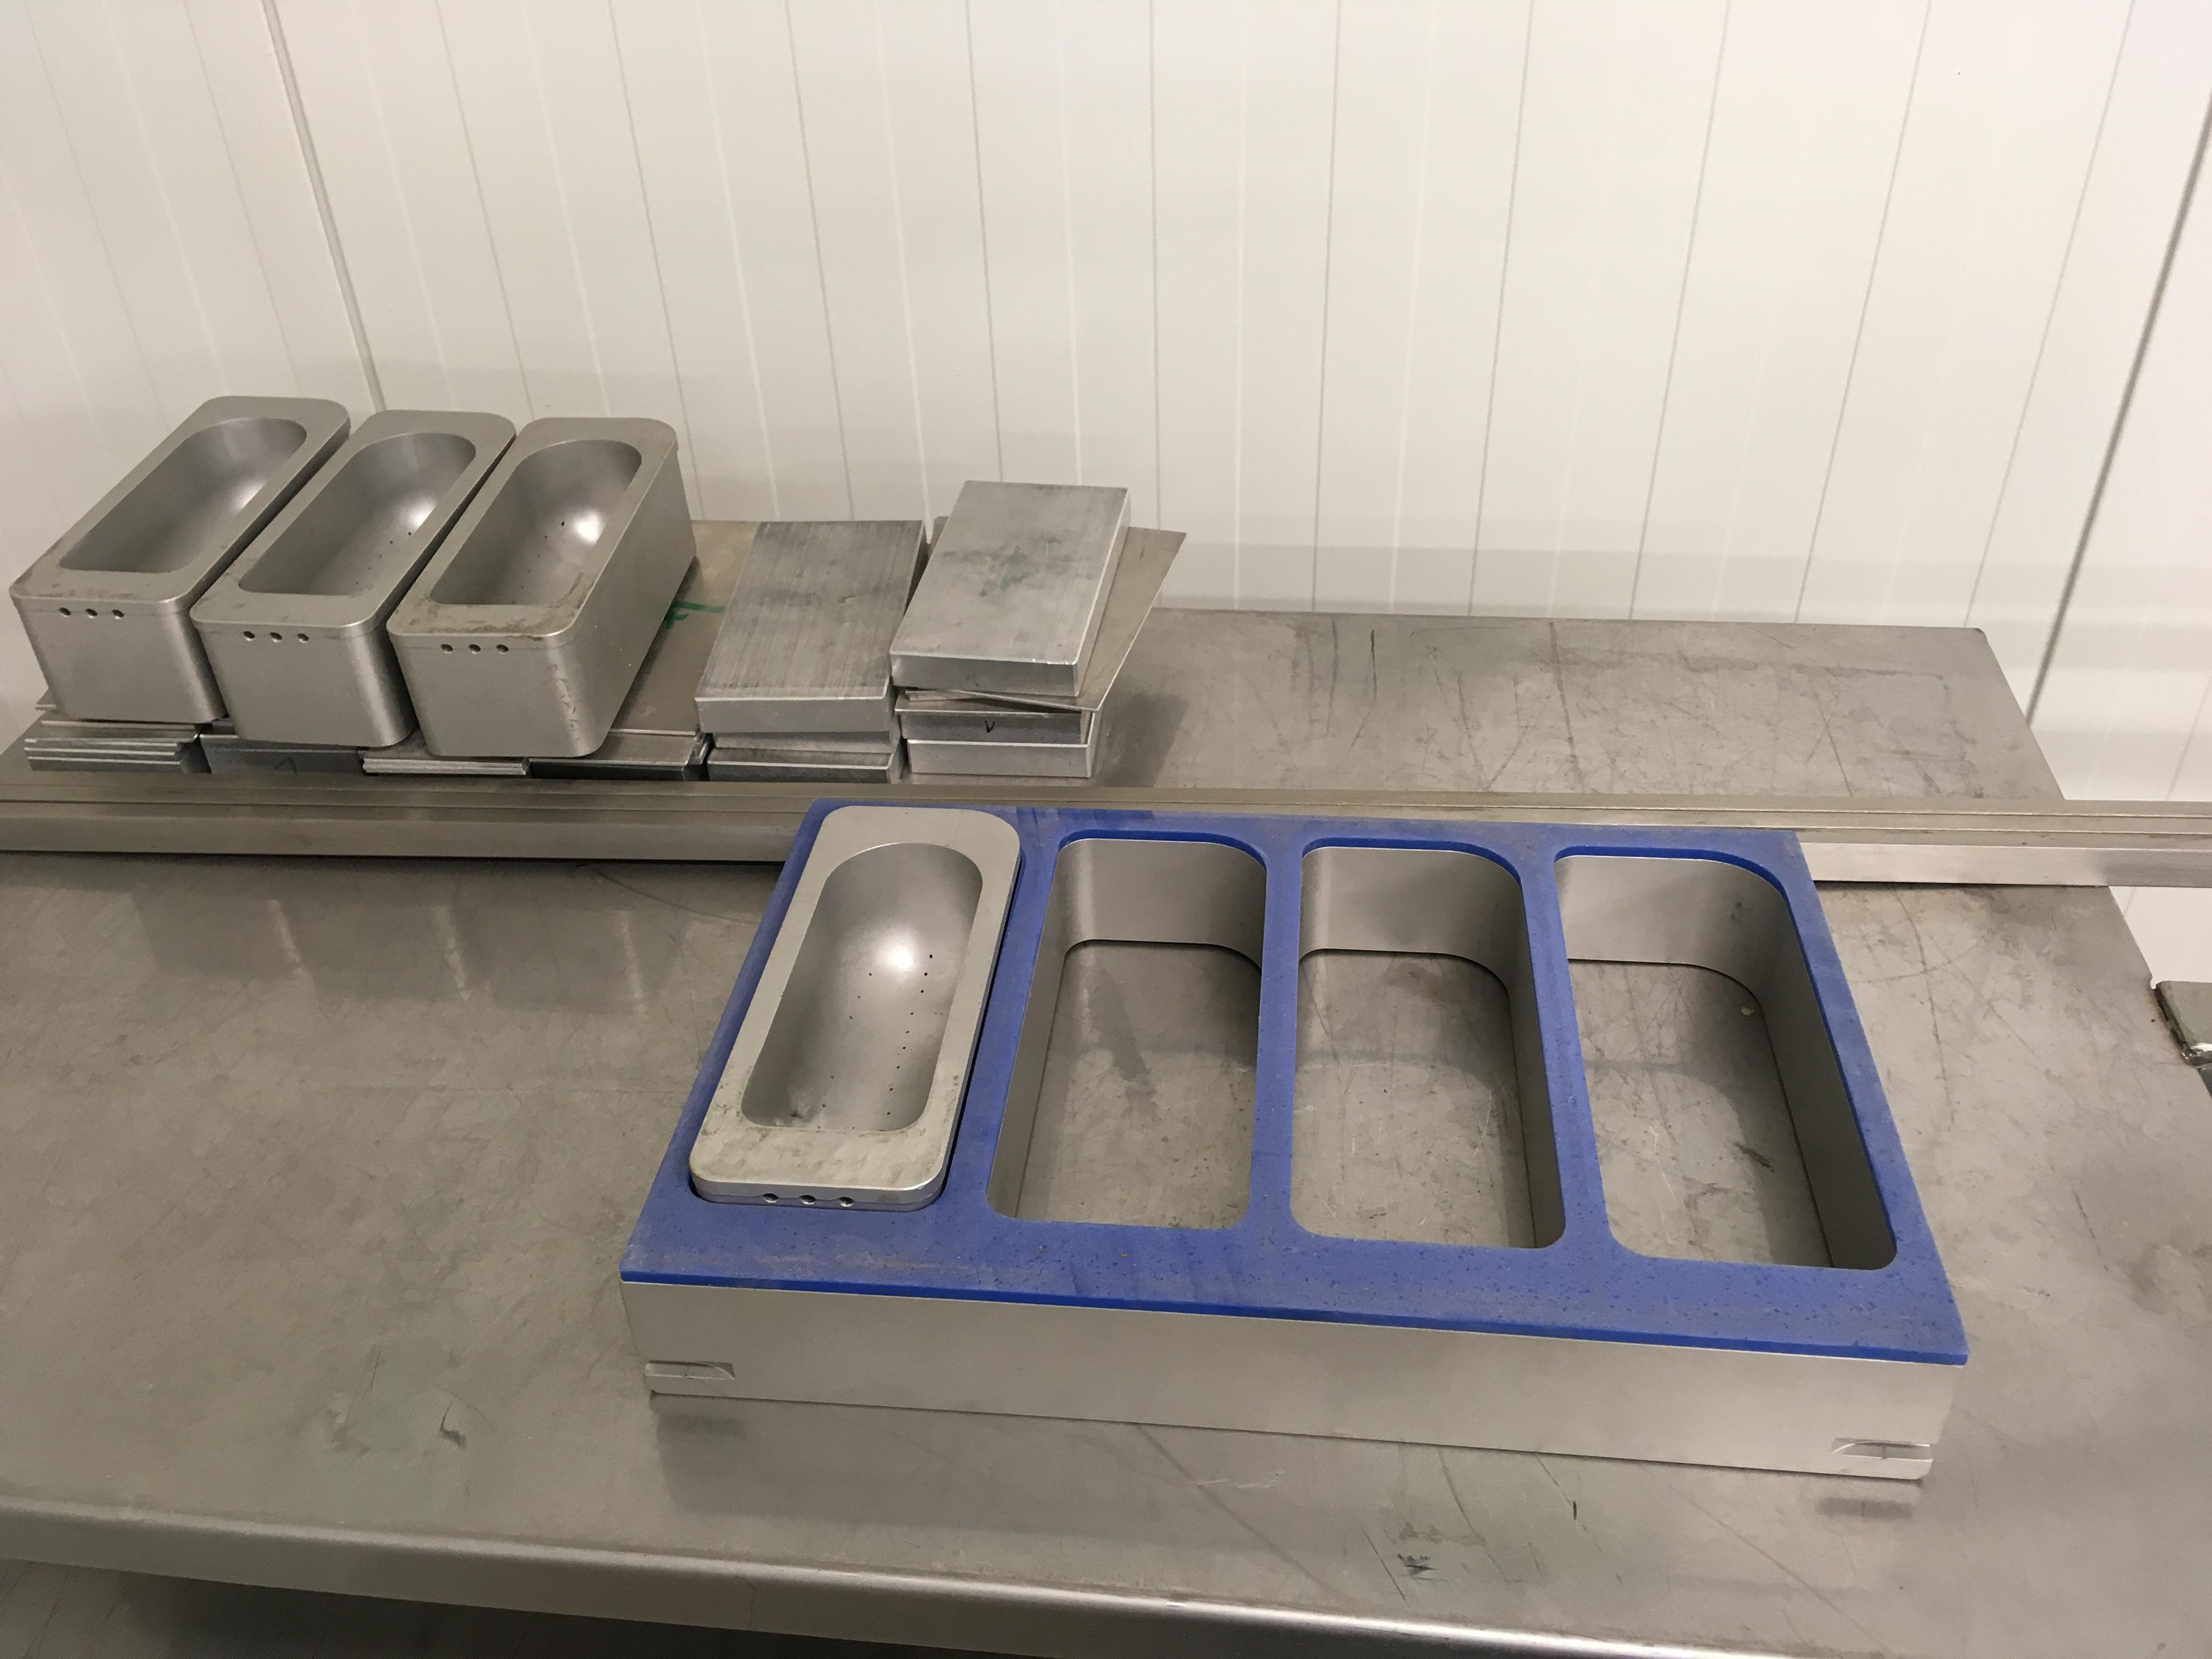 Diam/ètre de la base 58 mm Gesh Lot de 4 tubes de remplissage en acier pour saucisses